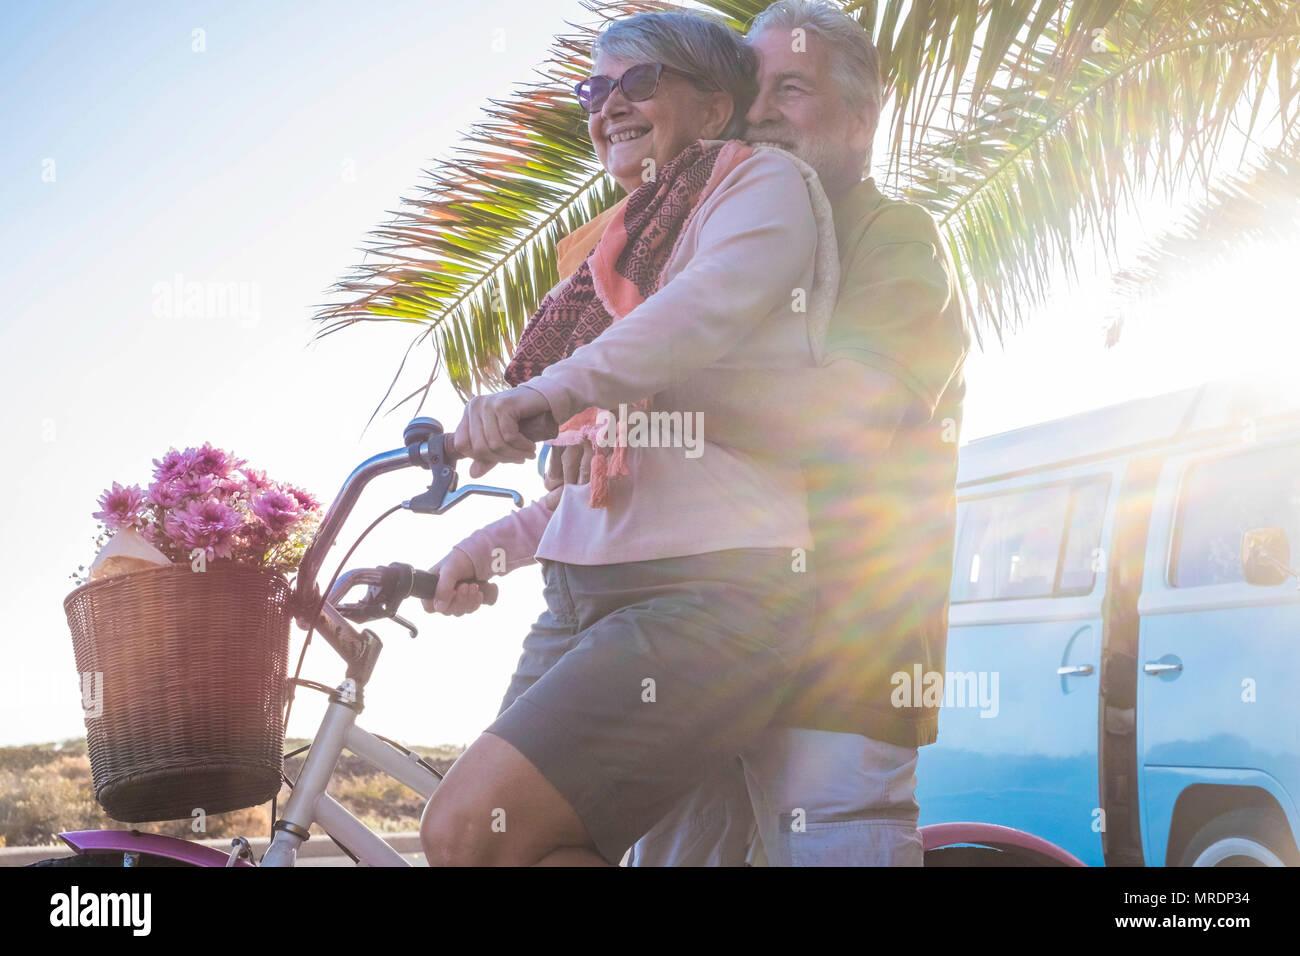 Beau Beau couple d'aînés pères aller ensemble sur un vélo piscine dans un lieu tropical. old vintage blue van happine en arrière-plan. Photo Stock